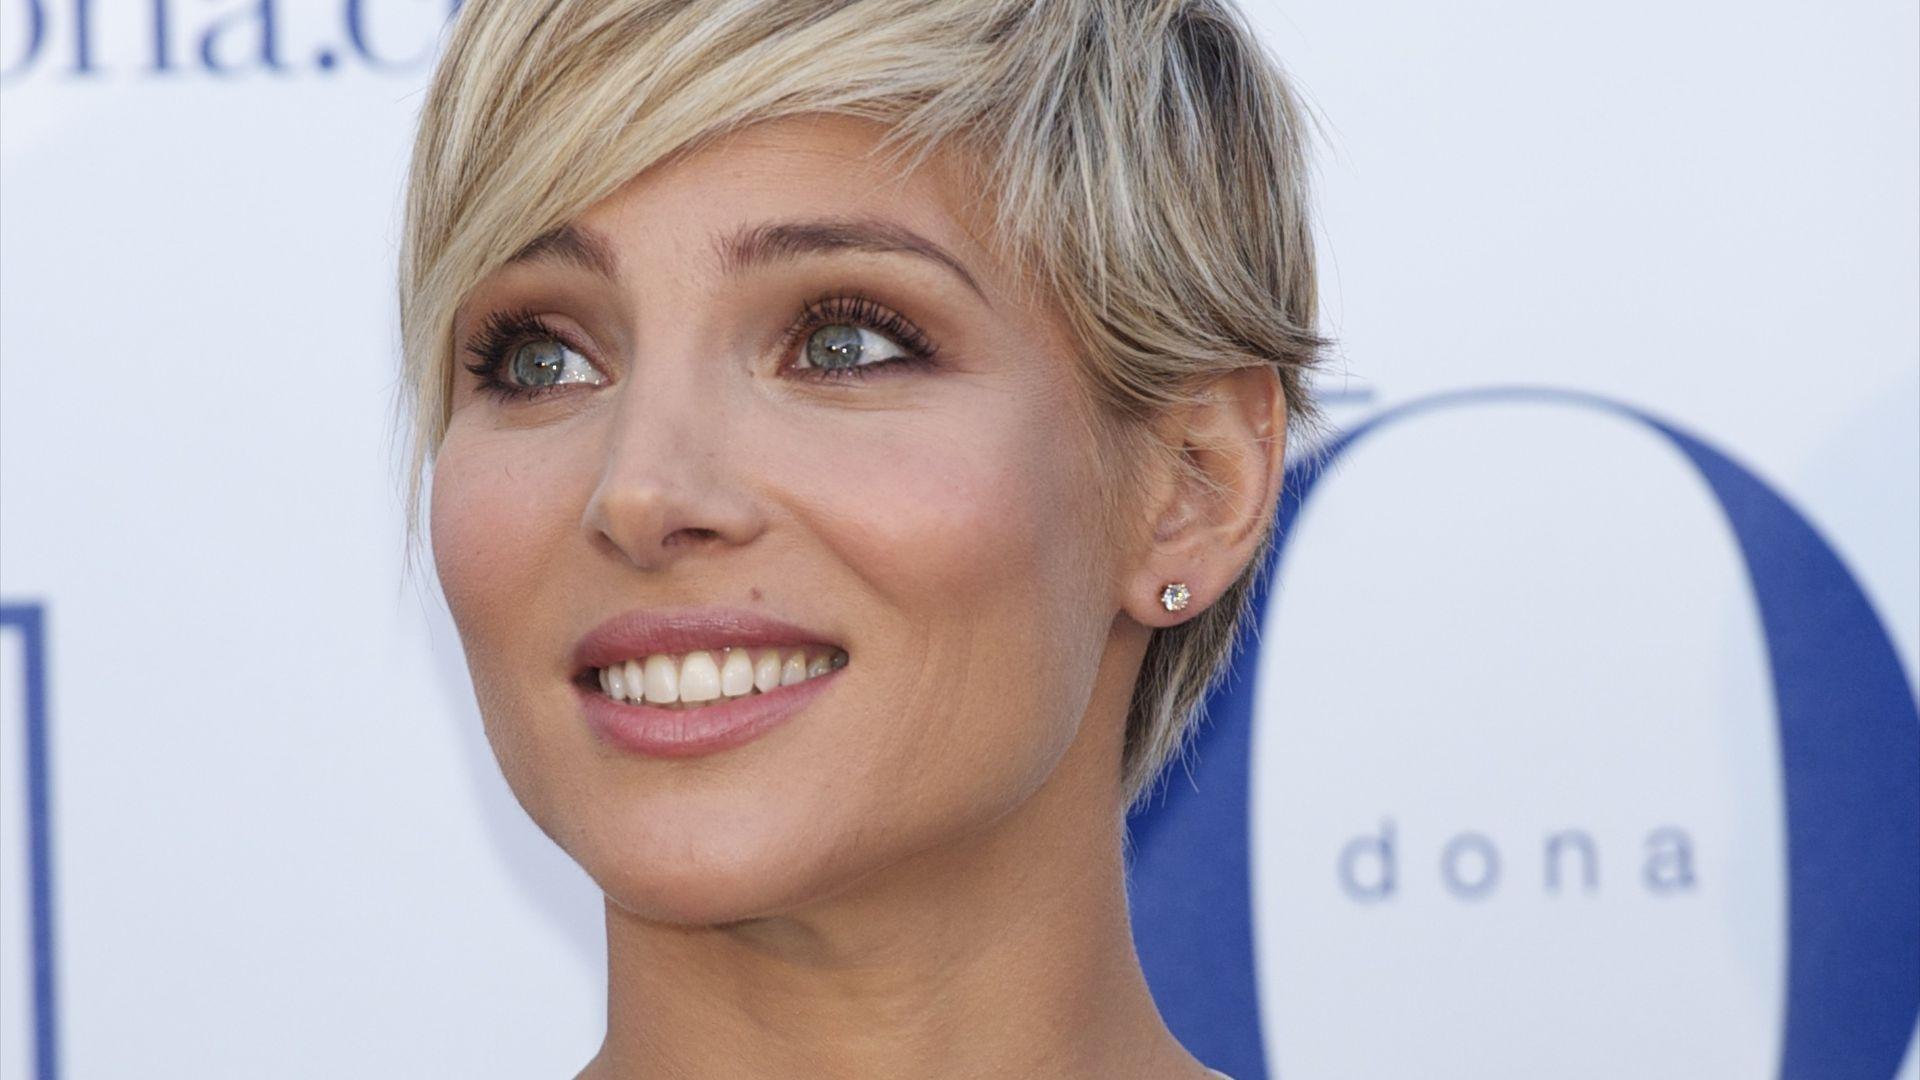 Neid Schwägerin Elsa Pataky kopiert Miley Cyrus